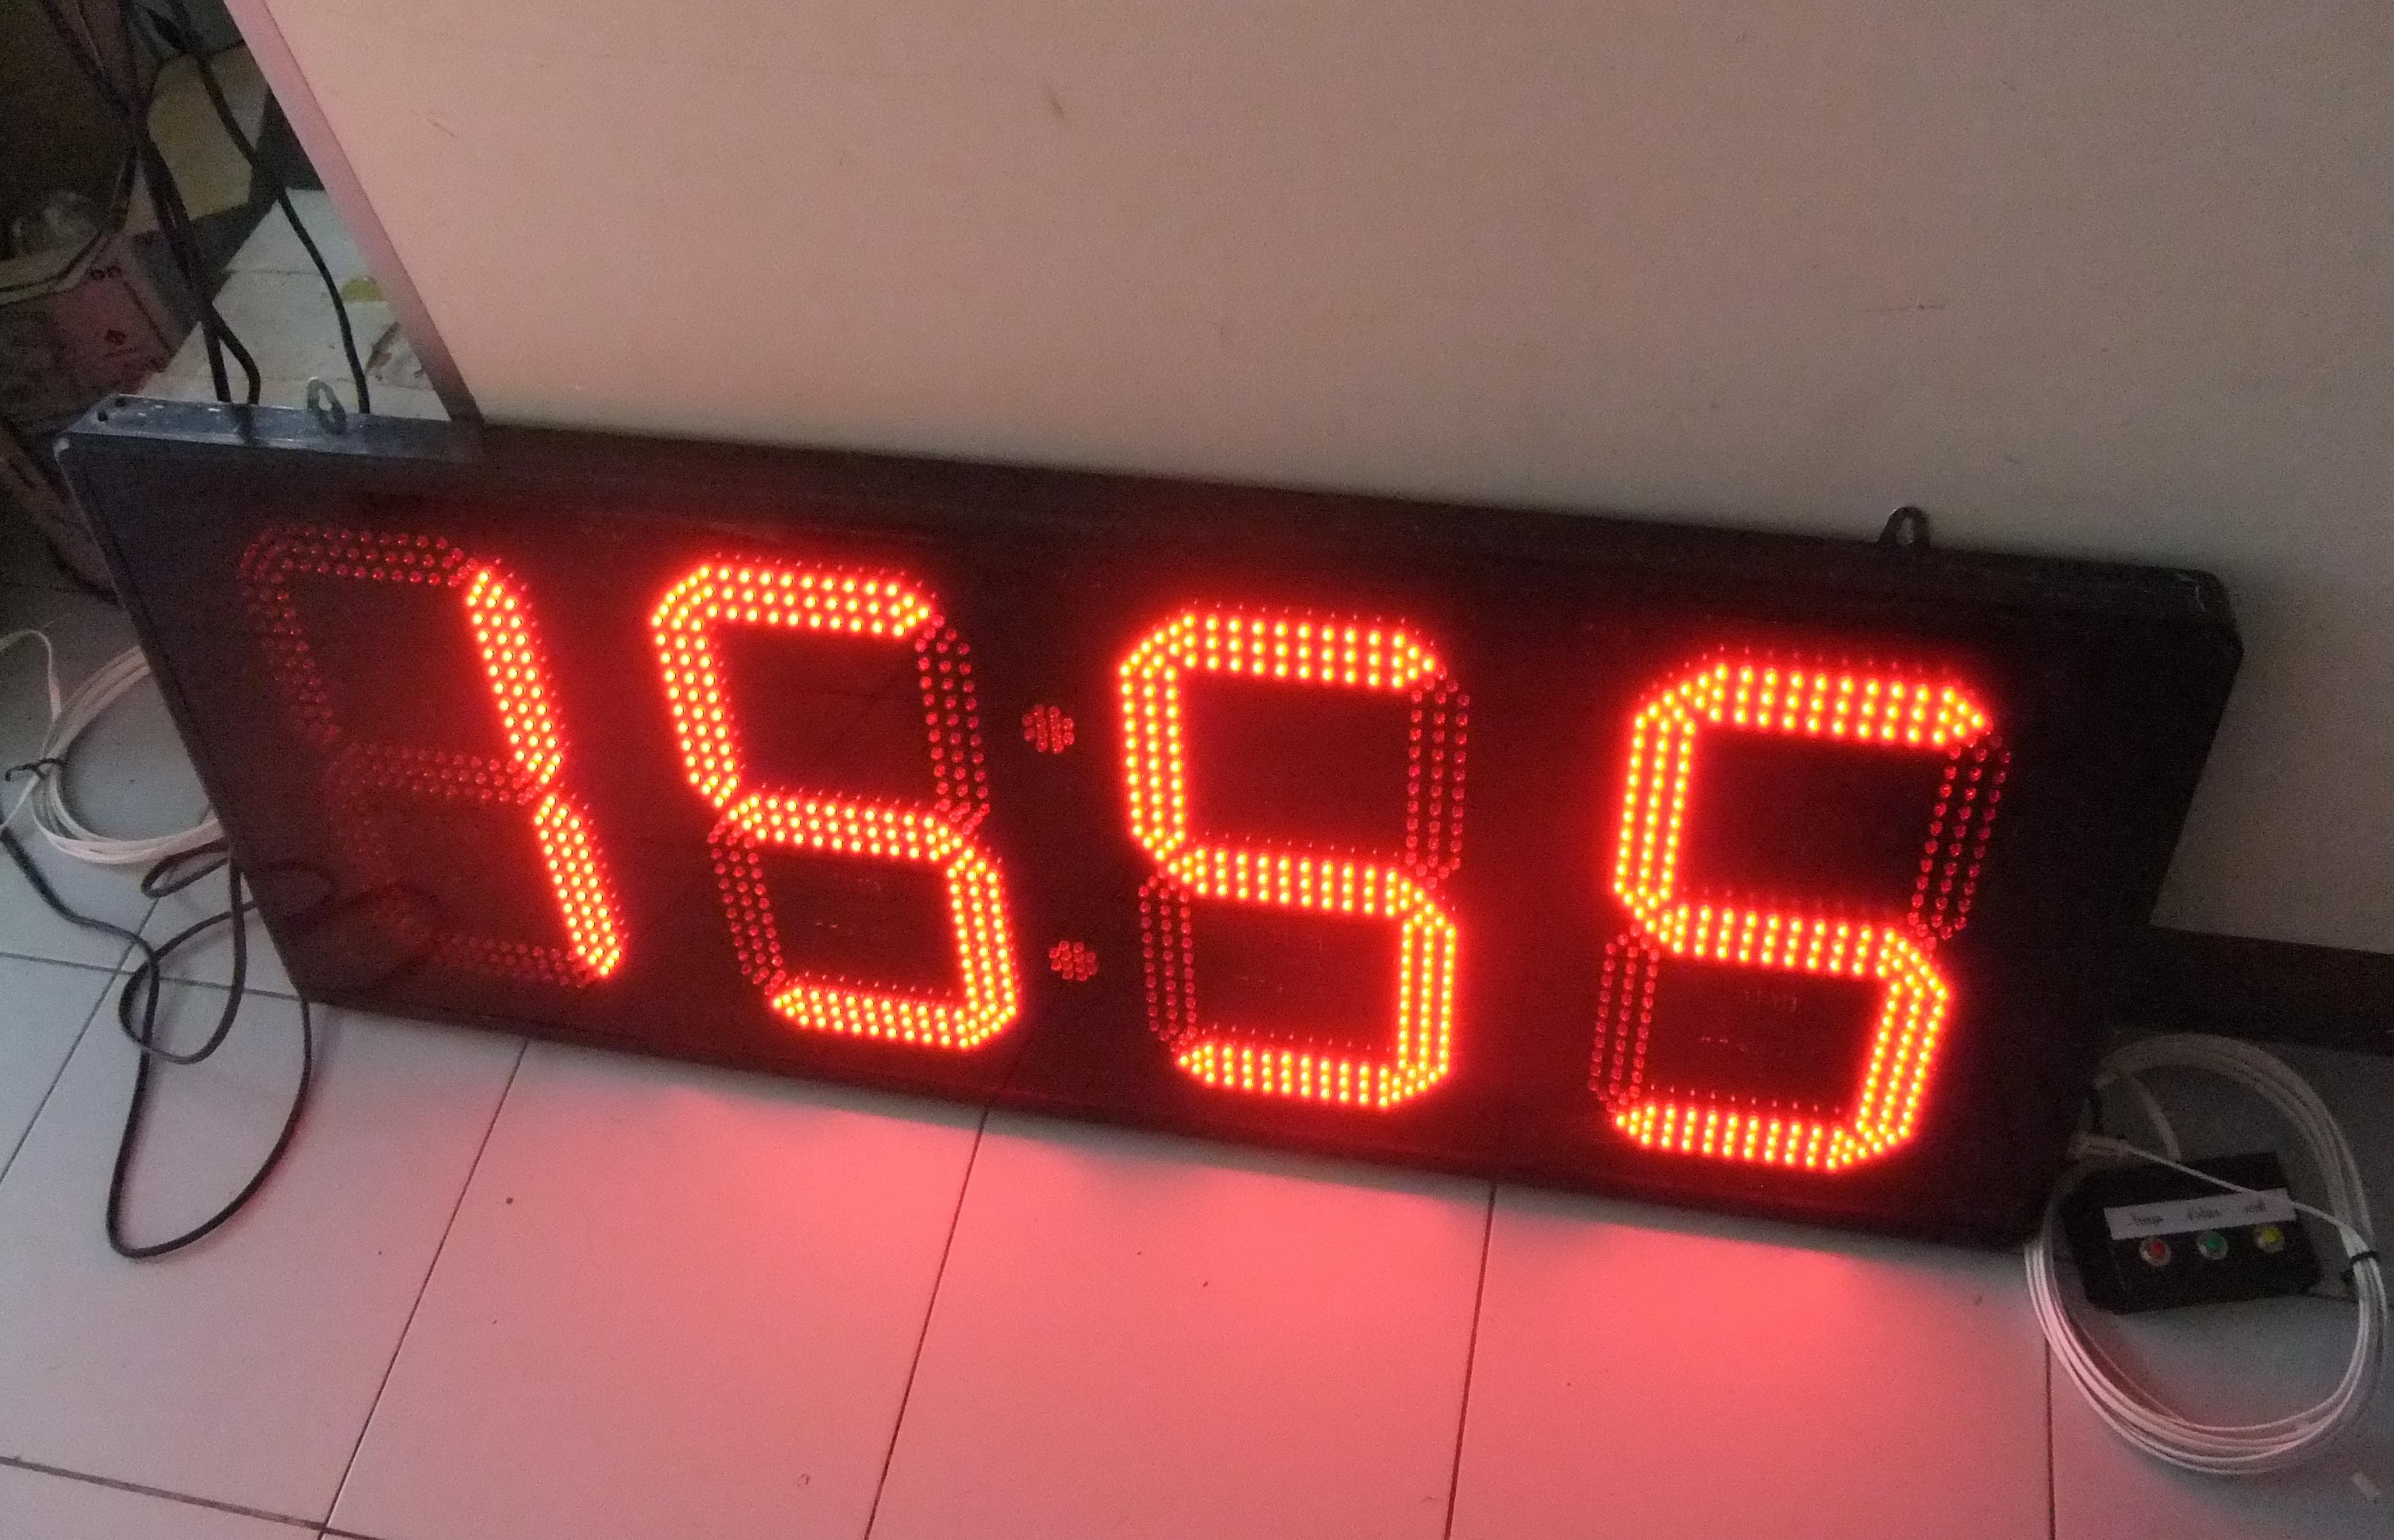 นาฬิกาดิจิตอลLED 12นิ้ว 4หลัก